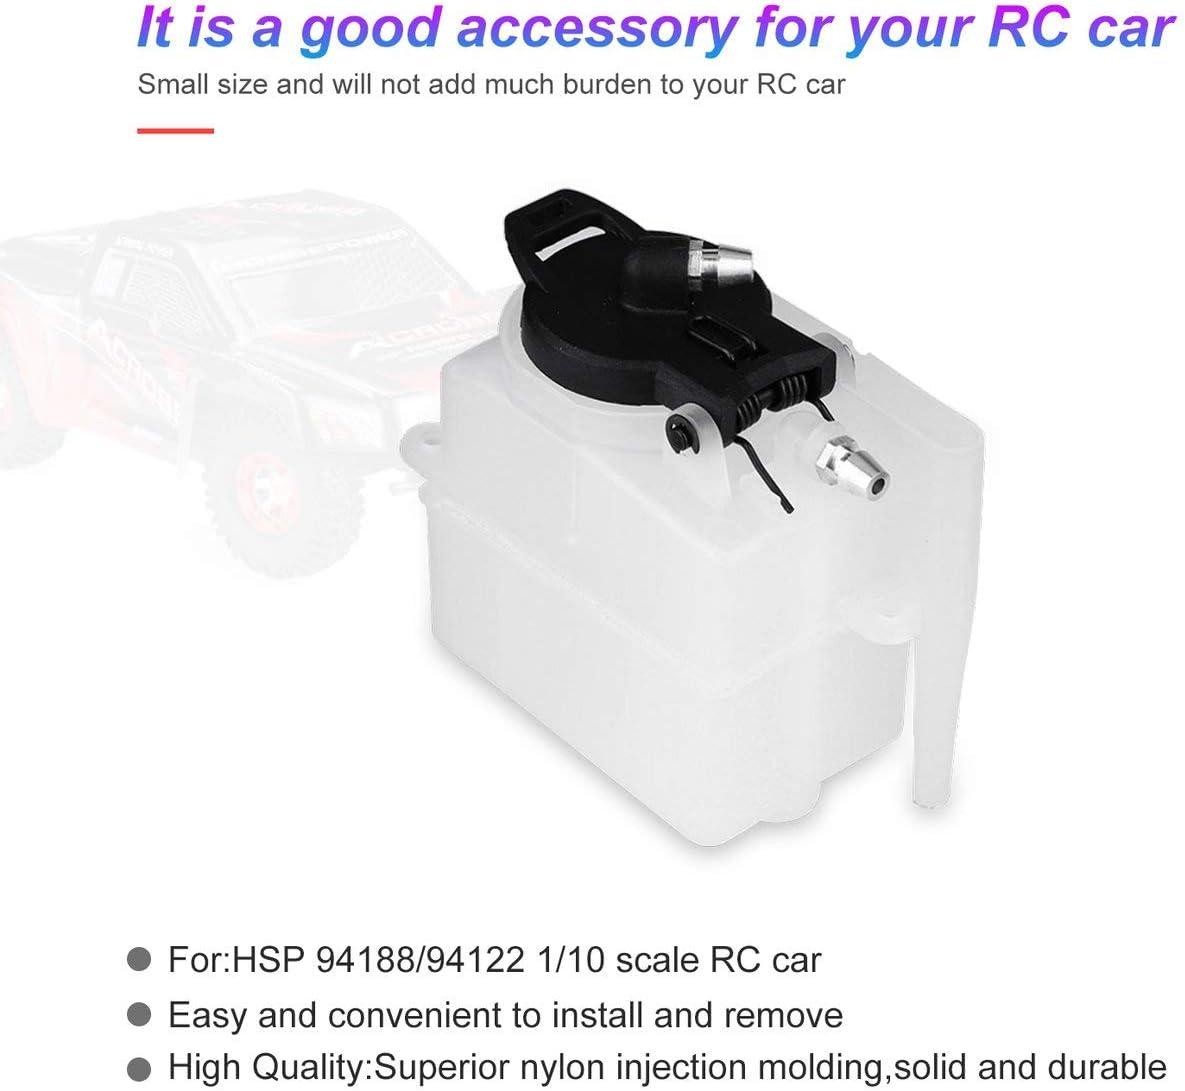 couleur: blanc R/éservoir de carburant de mazout simul/é dessence de mazout de pi/èces de rechange de mod/èle de r/éservoir de p/étrole RC pour la voiture RC d/échelle 1//10 de HSP 94188//94122